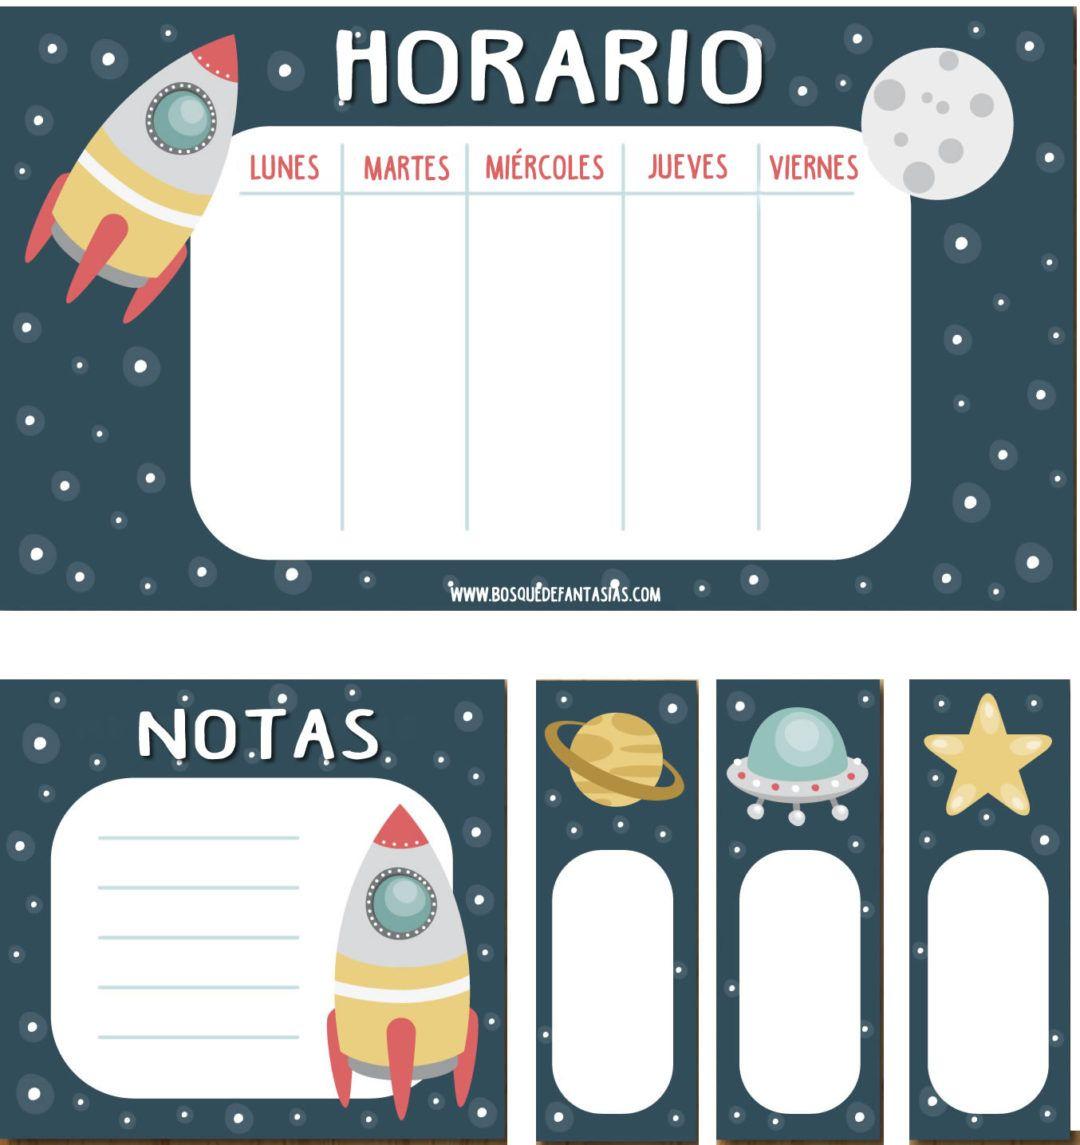 Calendarios Y Horarios De Clase Para Infantil Y Primaria Horario Para Niños Horario De Clases Horario Preescolar